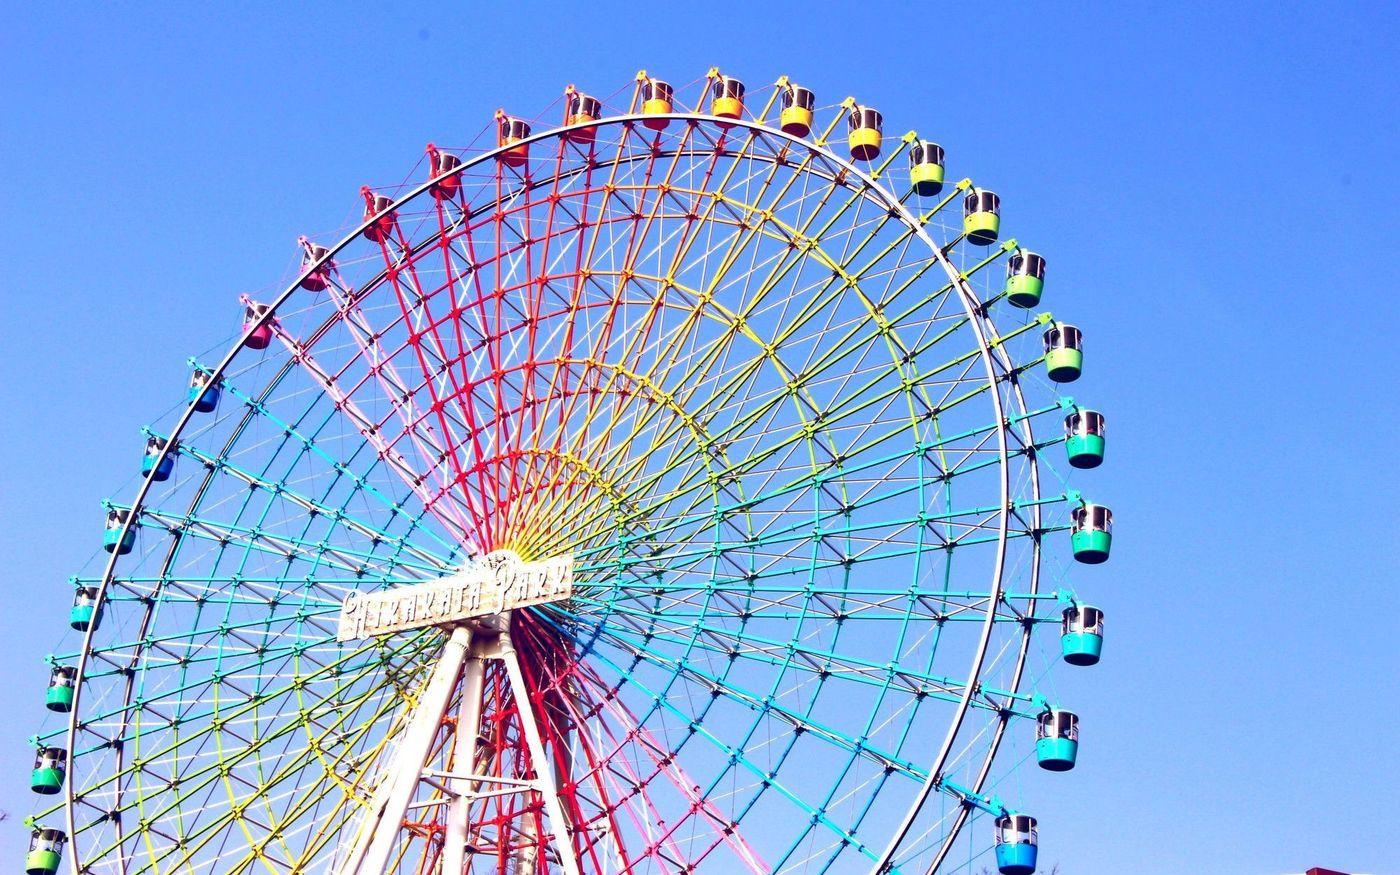 【大阪】ワンランク上の写真を撮りたいならココがおすすめ!の5枚目の画像の画像